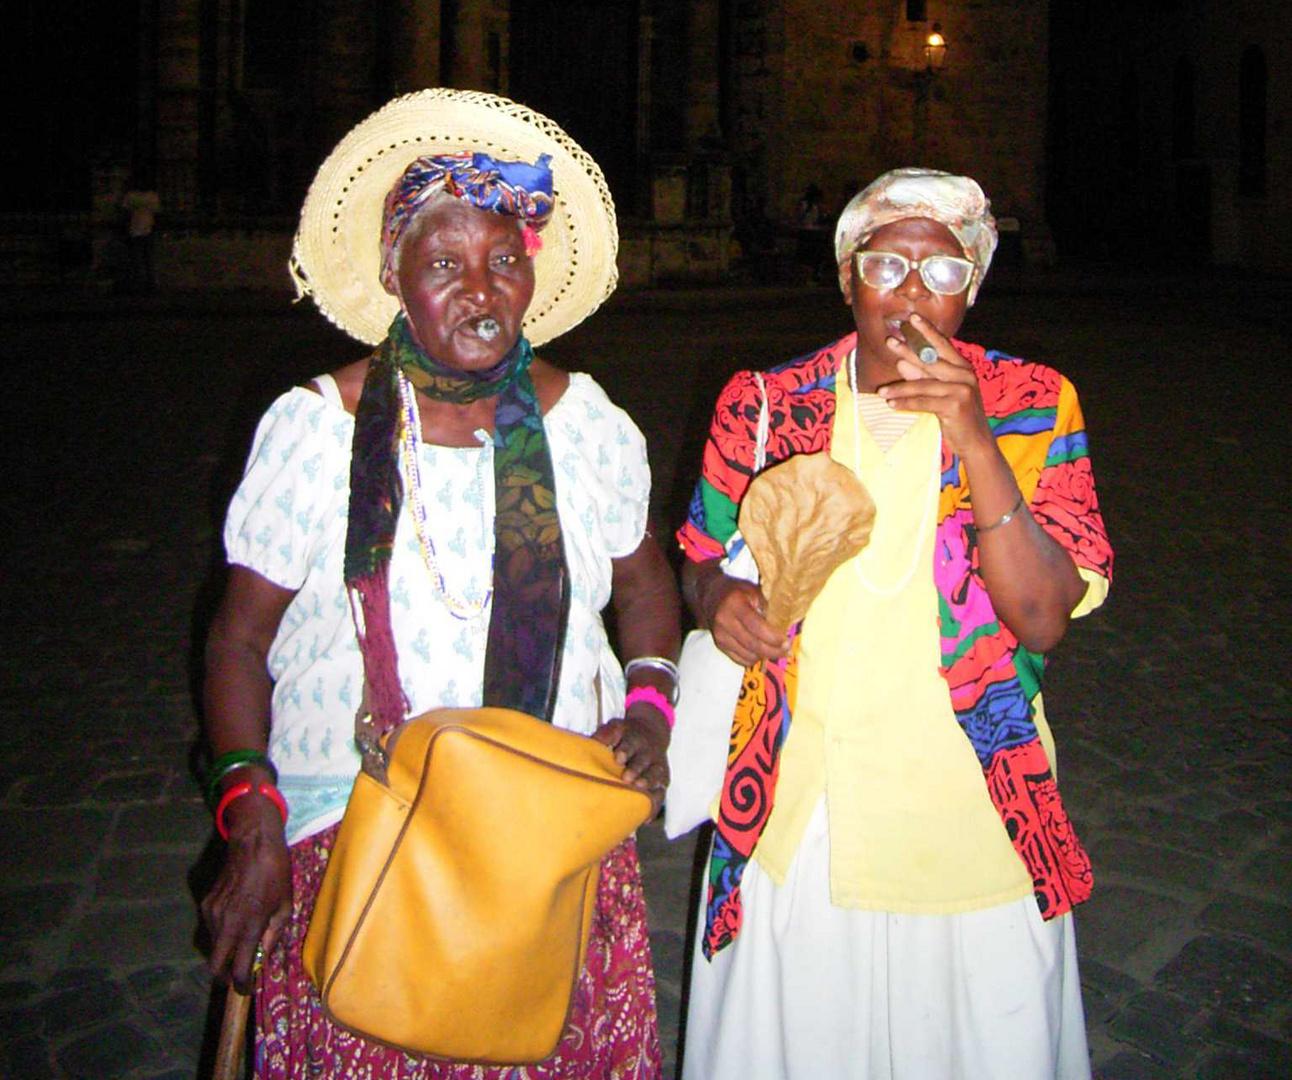 Midnight in Havanna